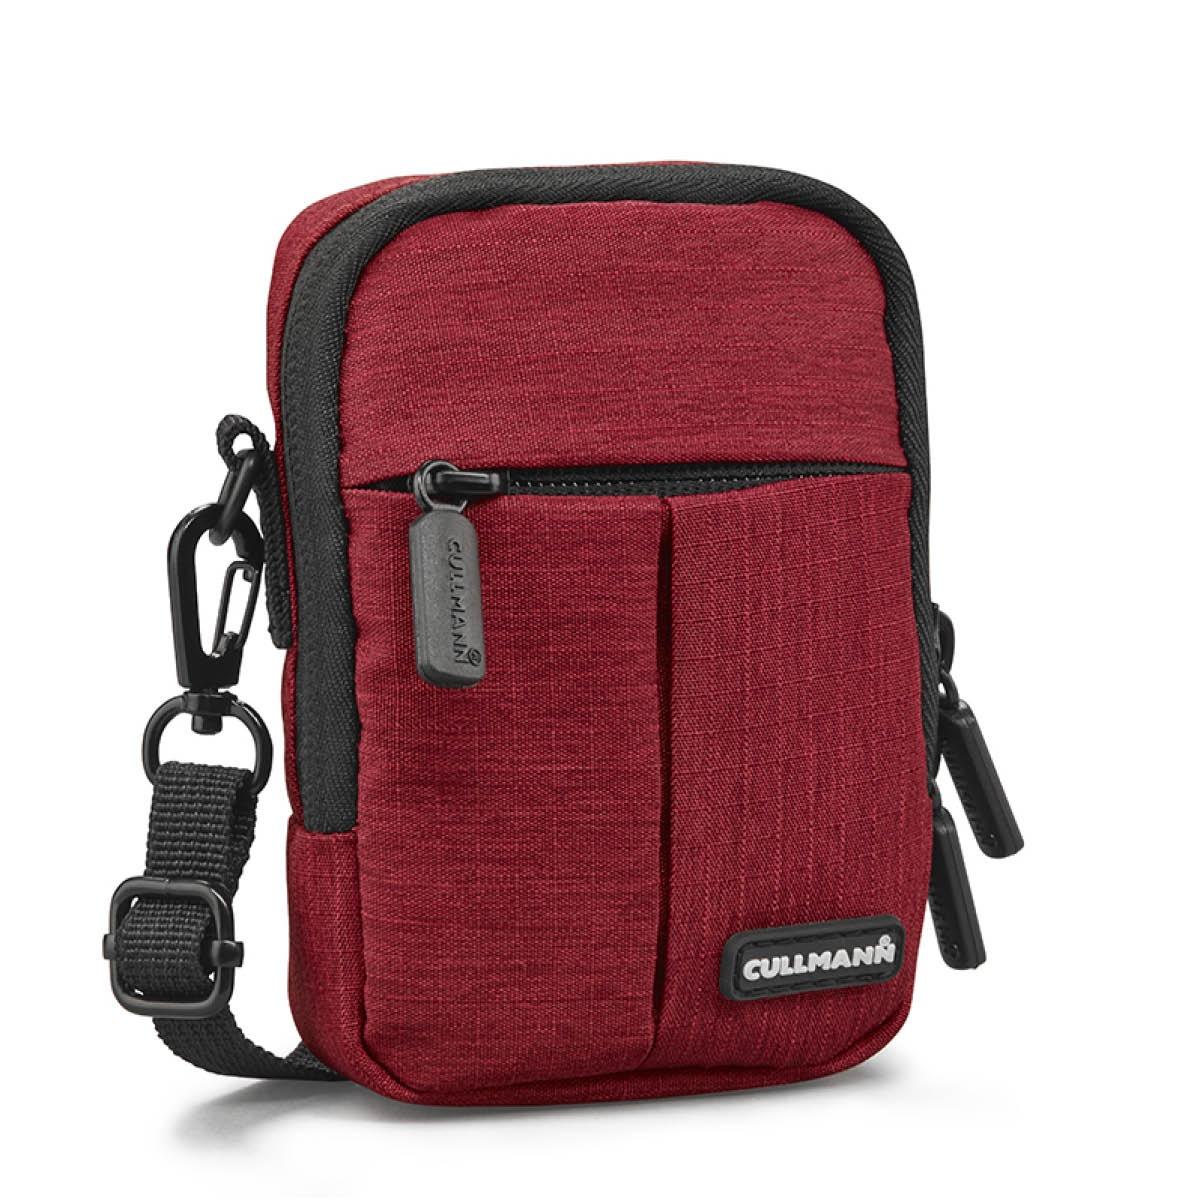 Cullmann Malaga Compact 200 Rot